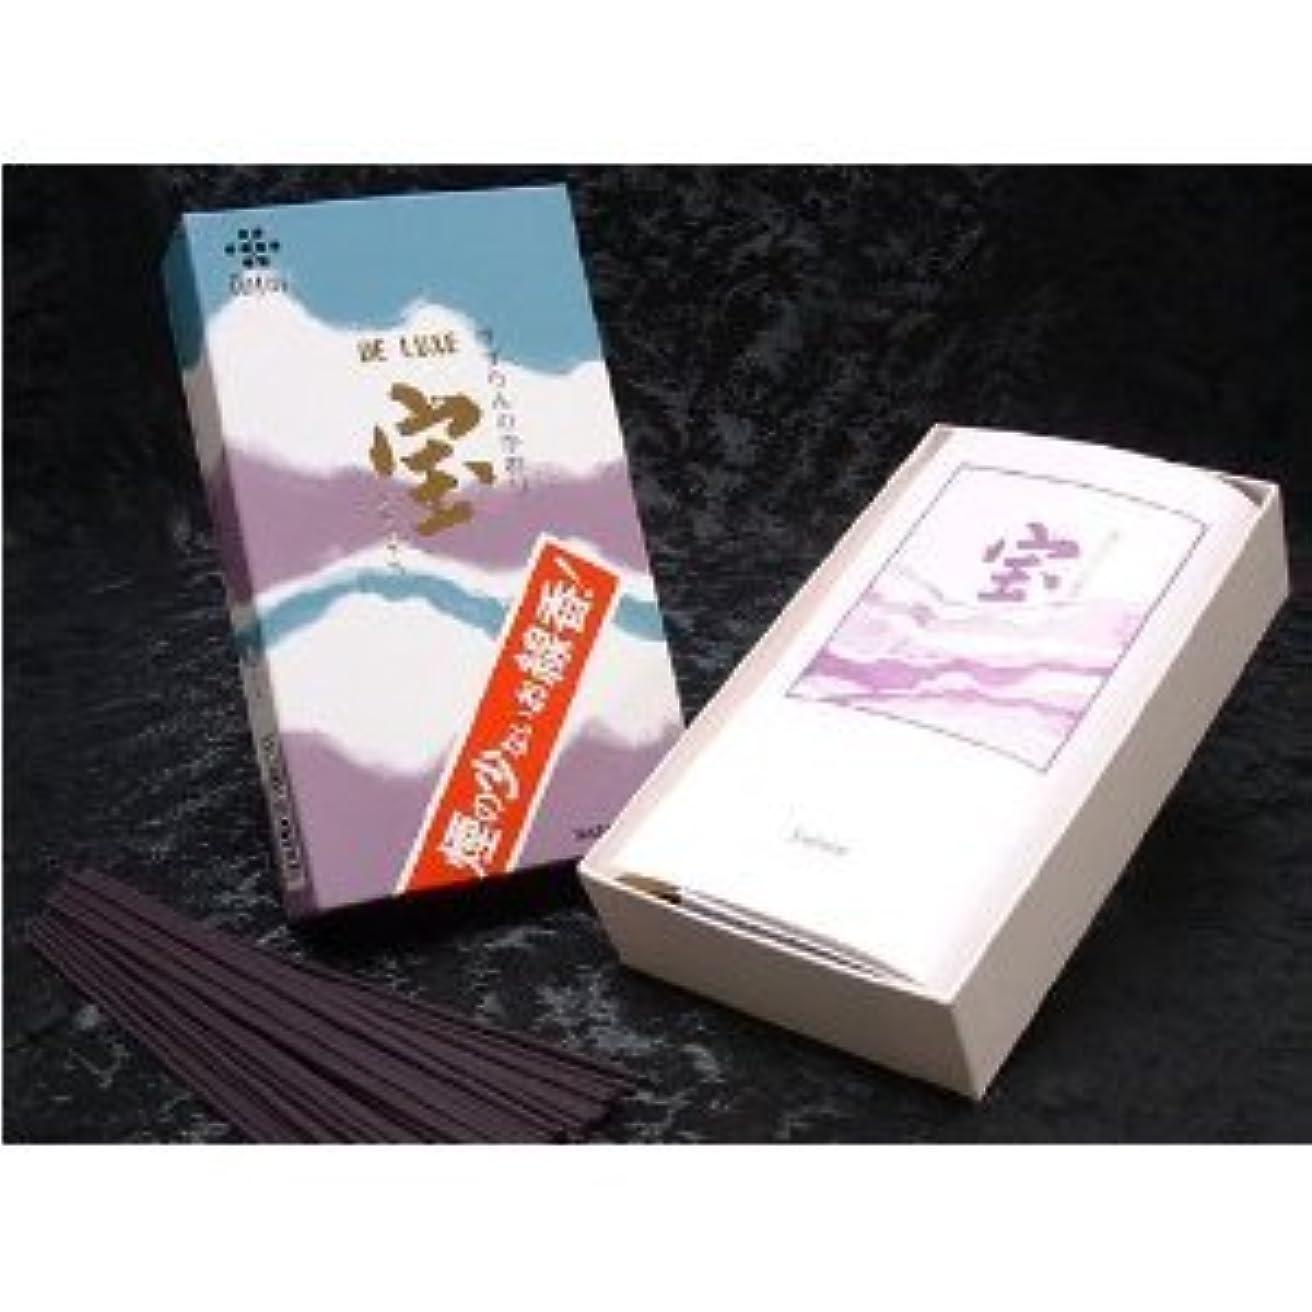 過言存在する視聴者薫寿堂 宝デラックス 大バラ すずらんの香り #2